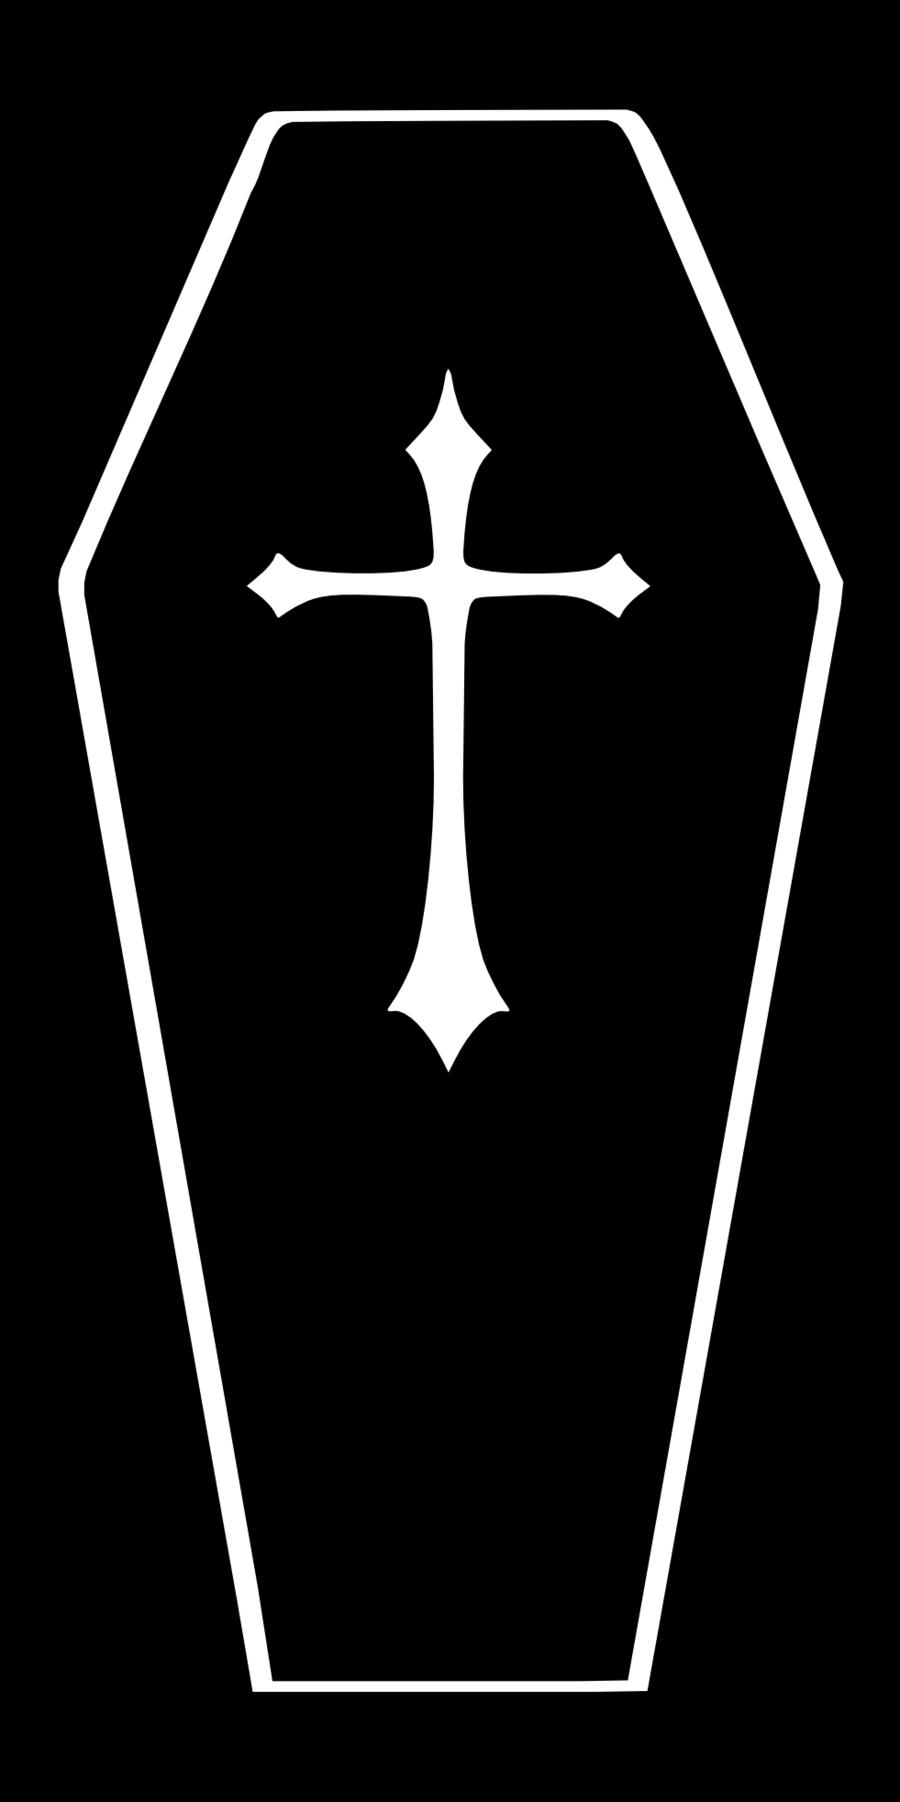 Clipart church graveyard. Coffin silhouette imgmob final